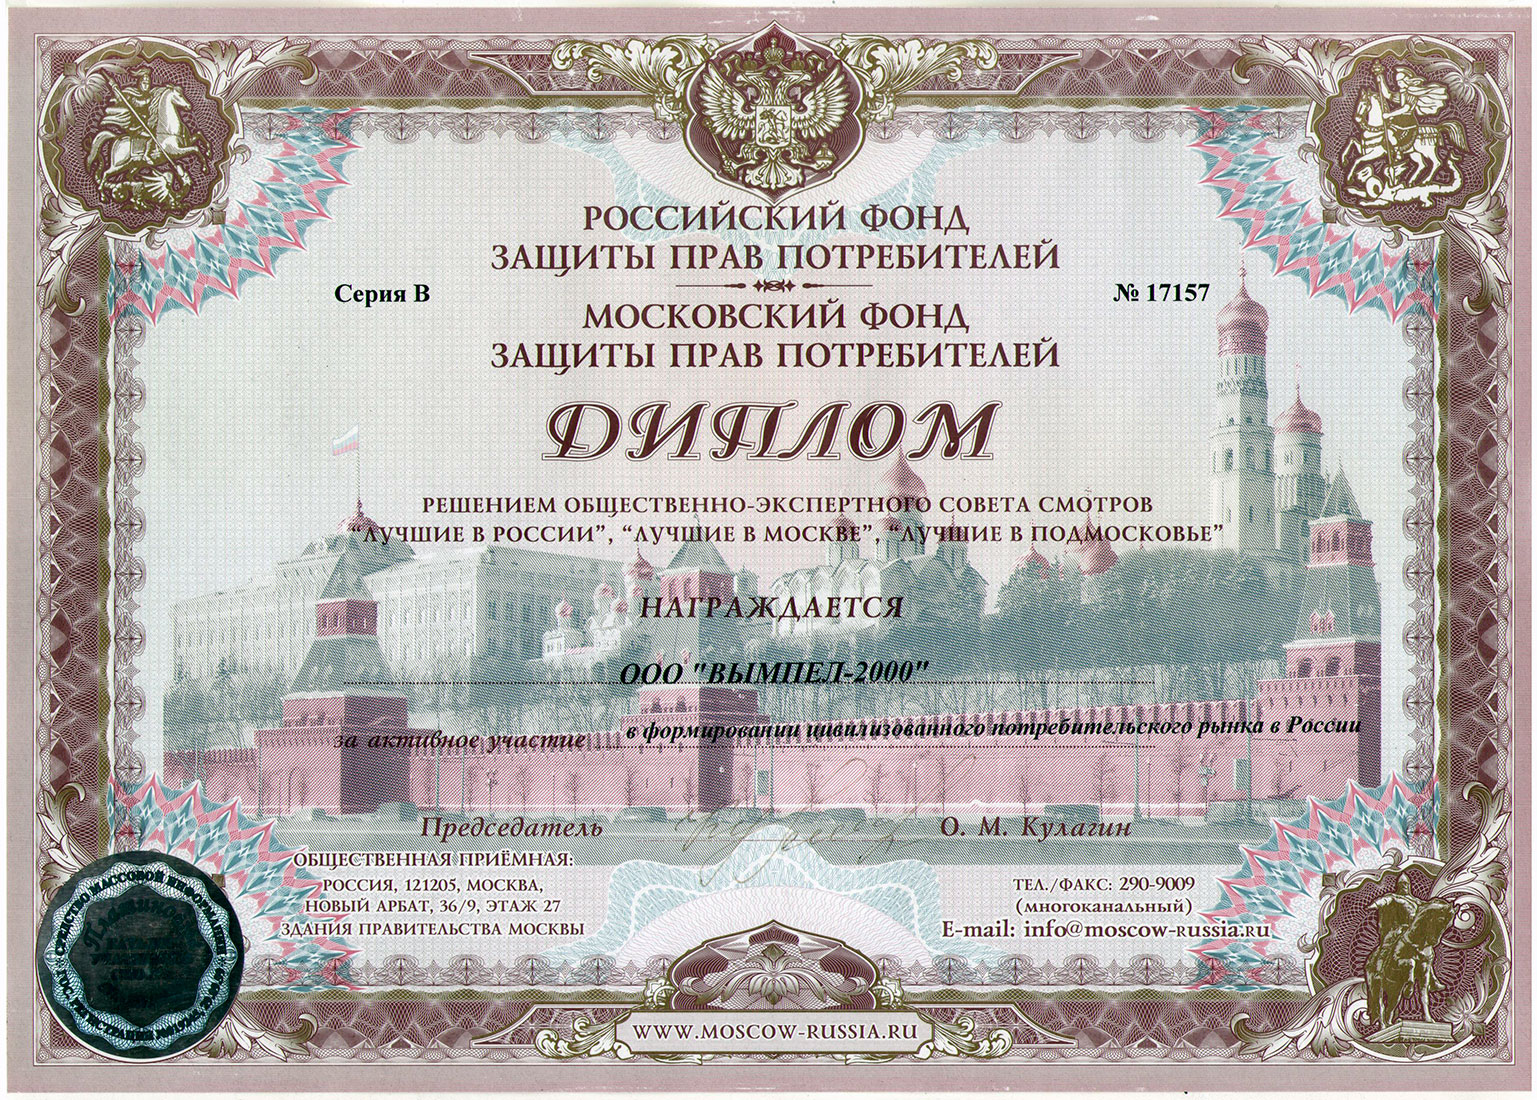 Диплом Российского фонда защиты прав потребителей